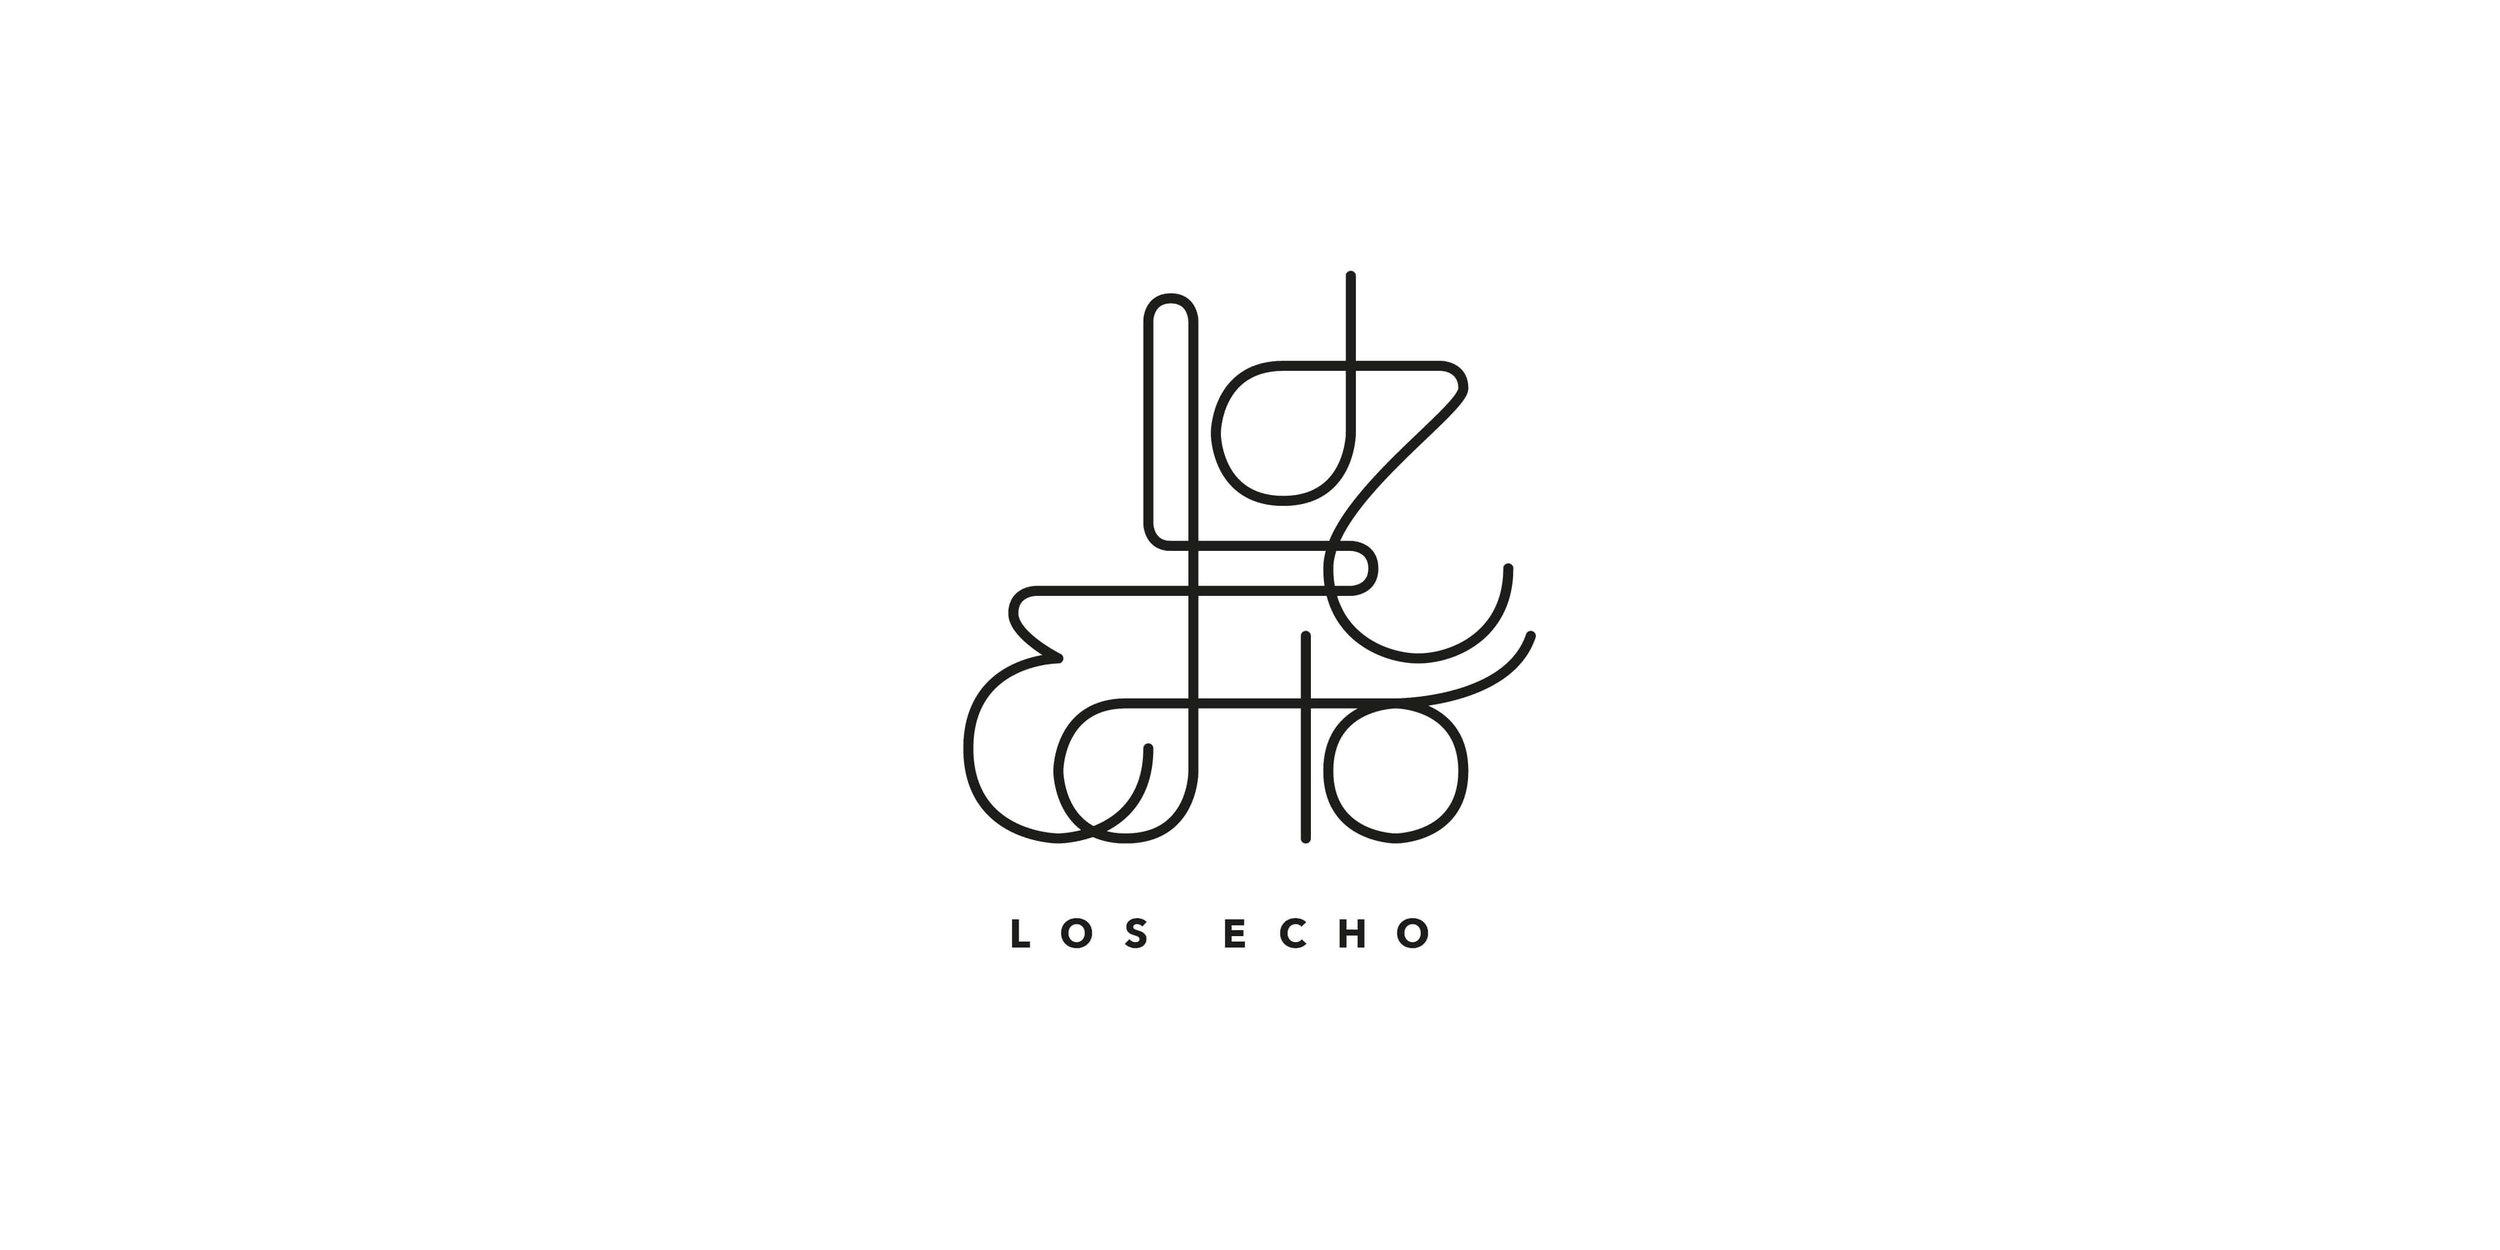 All-Logos-10.jpg